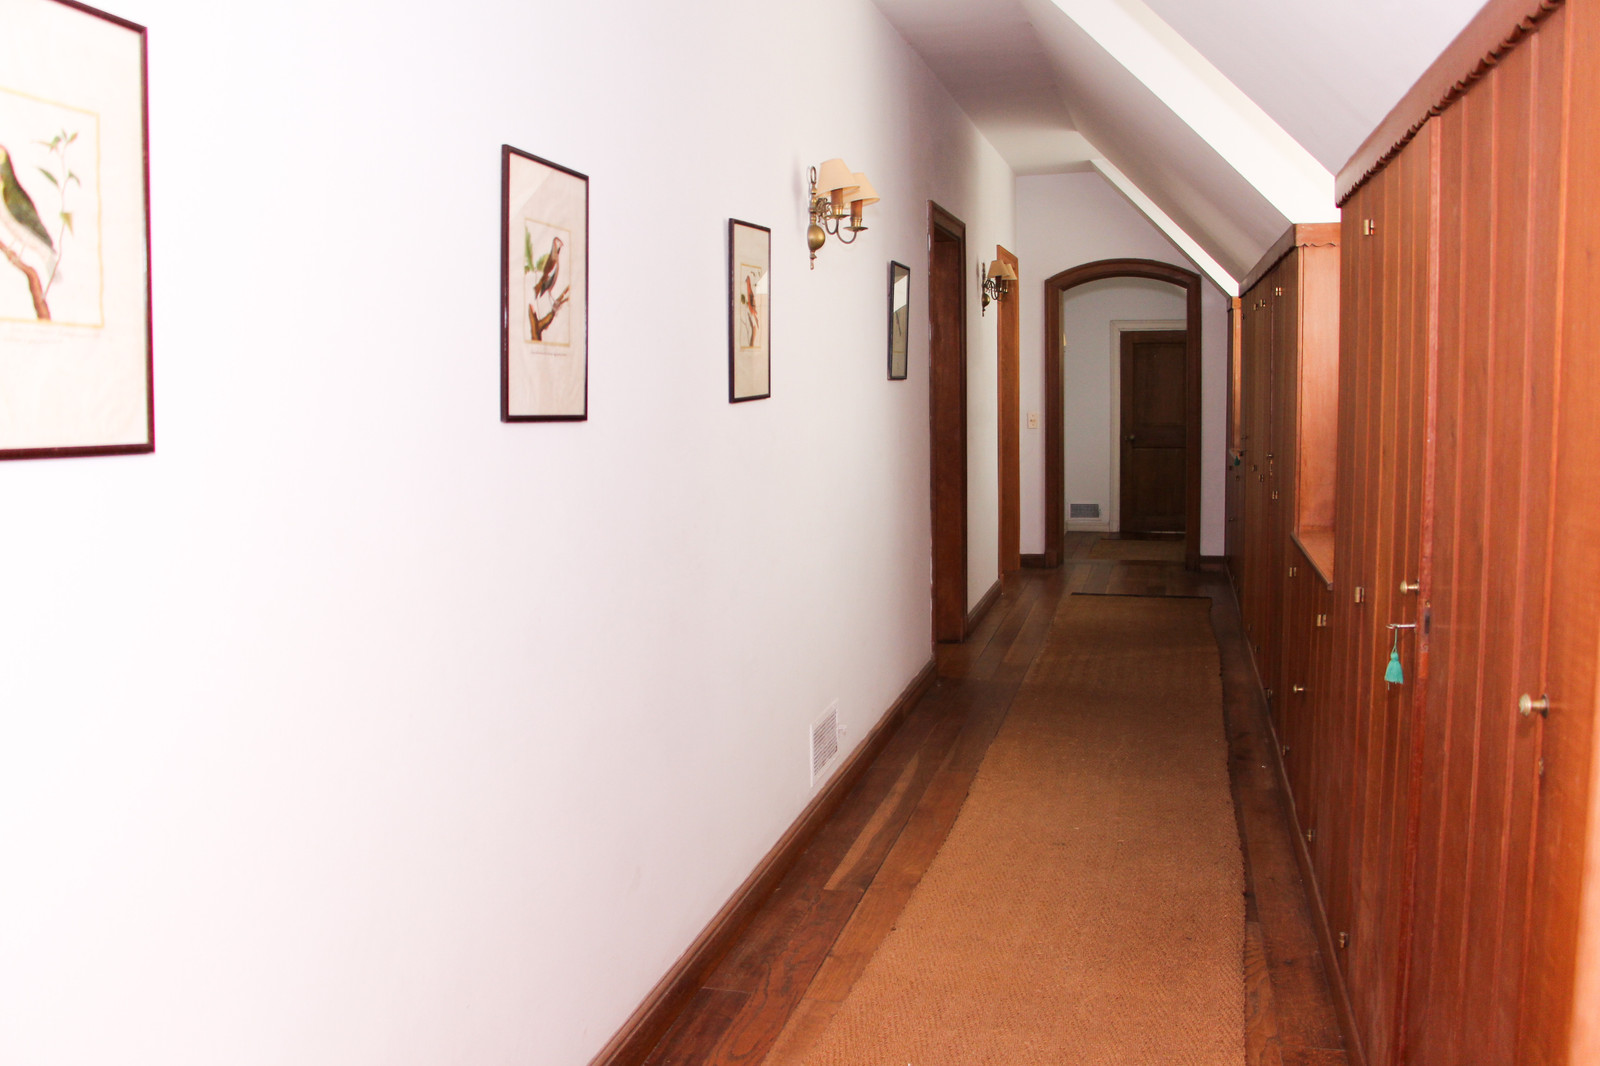 Estancia san vicente alojamiento for Alojamiento estancia 25m2